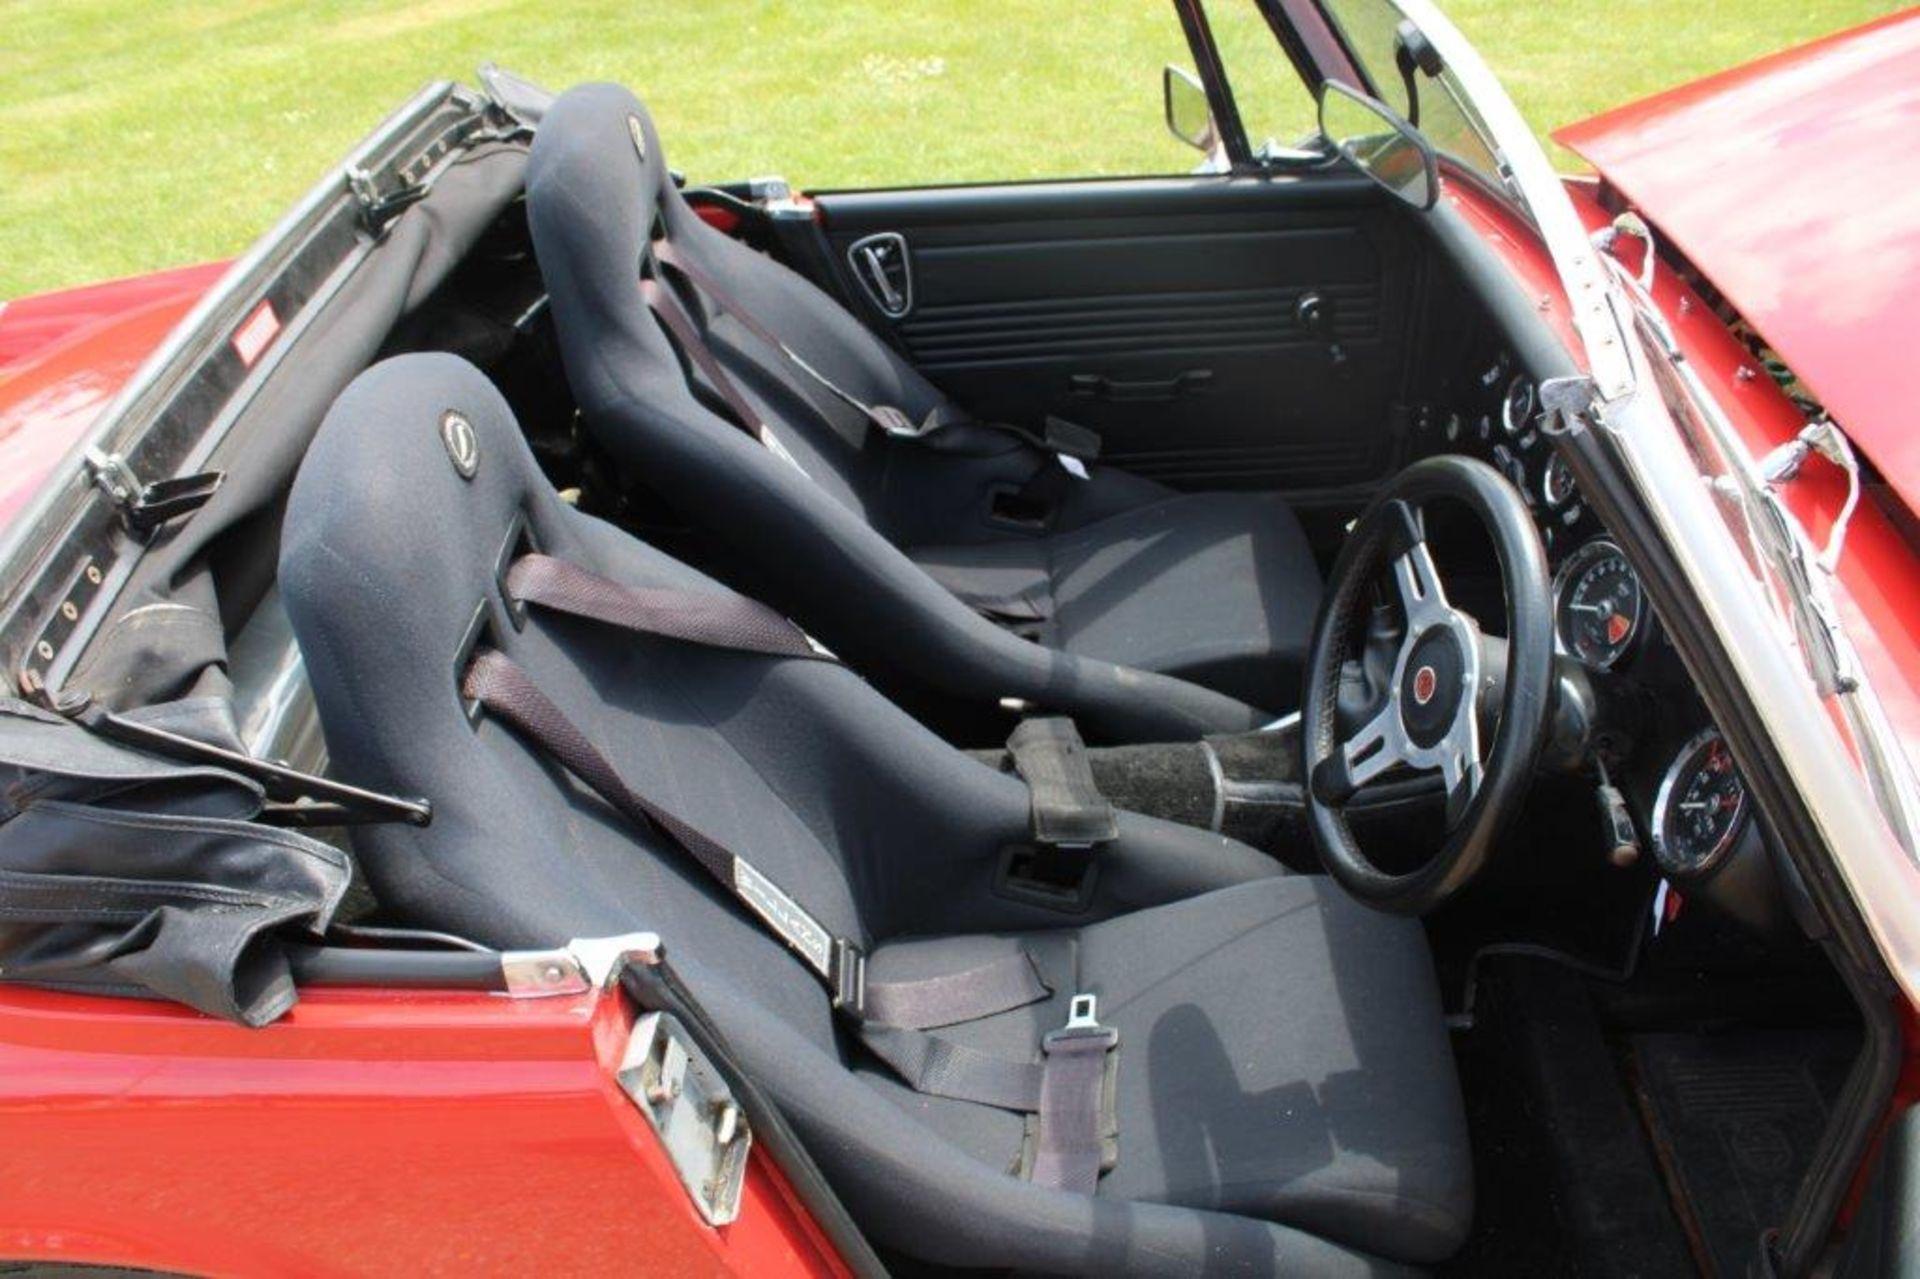 1973 MG Midget MK III - Image 14 of 25